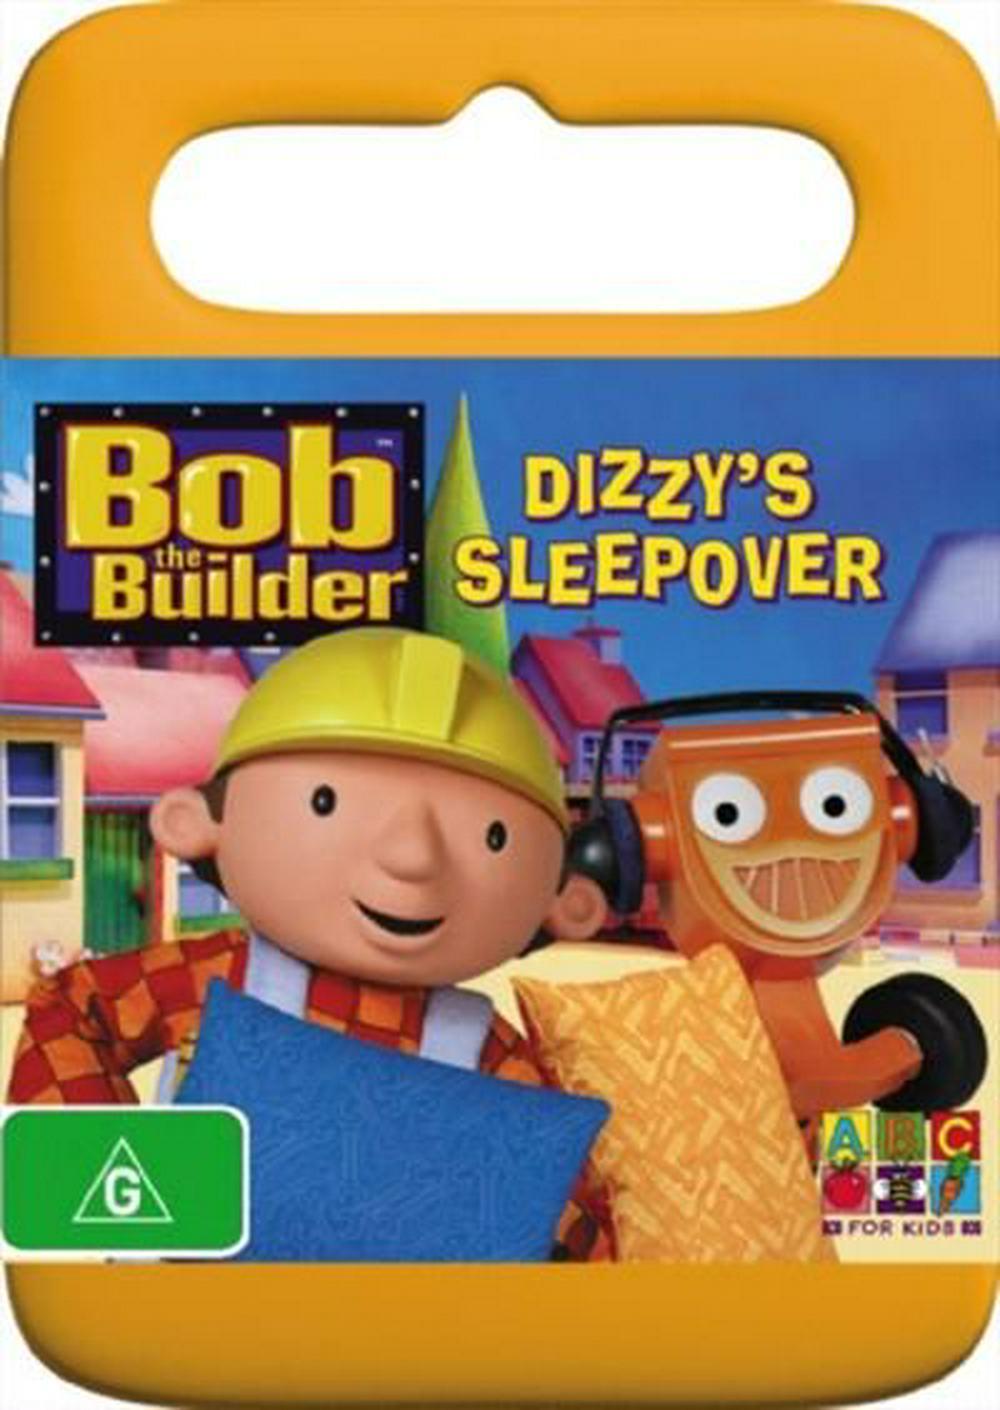 Dizzy's Sleepover (DVD)